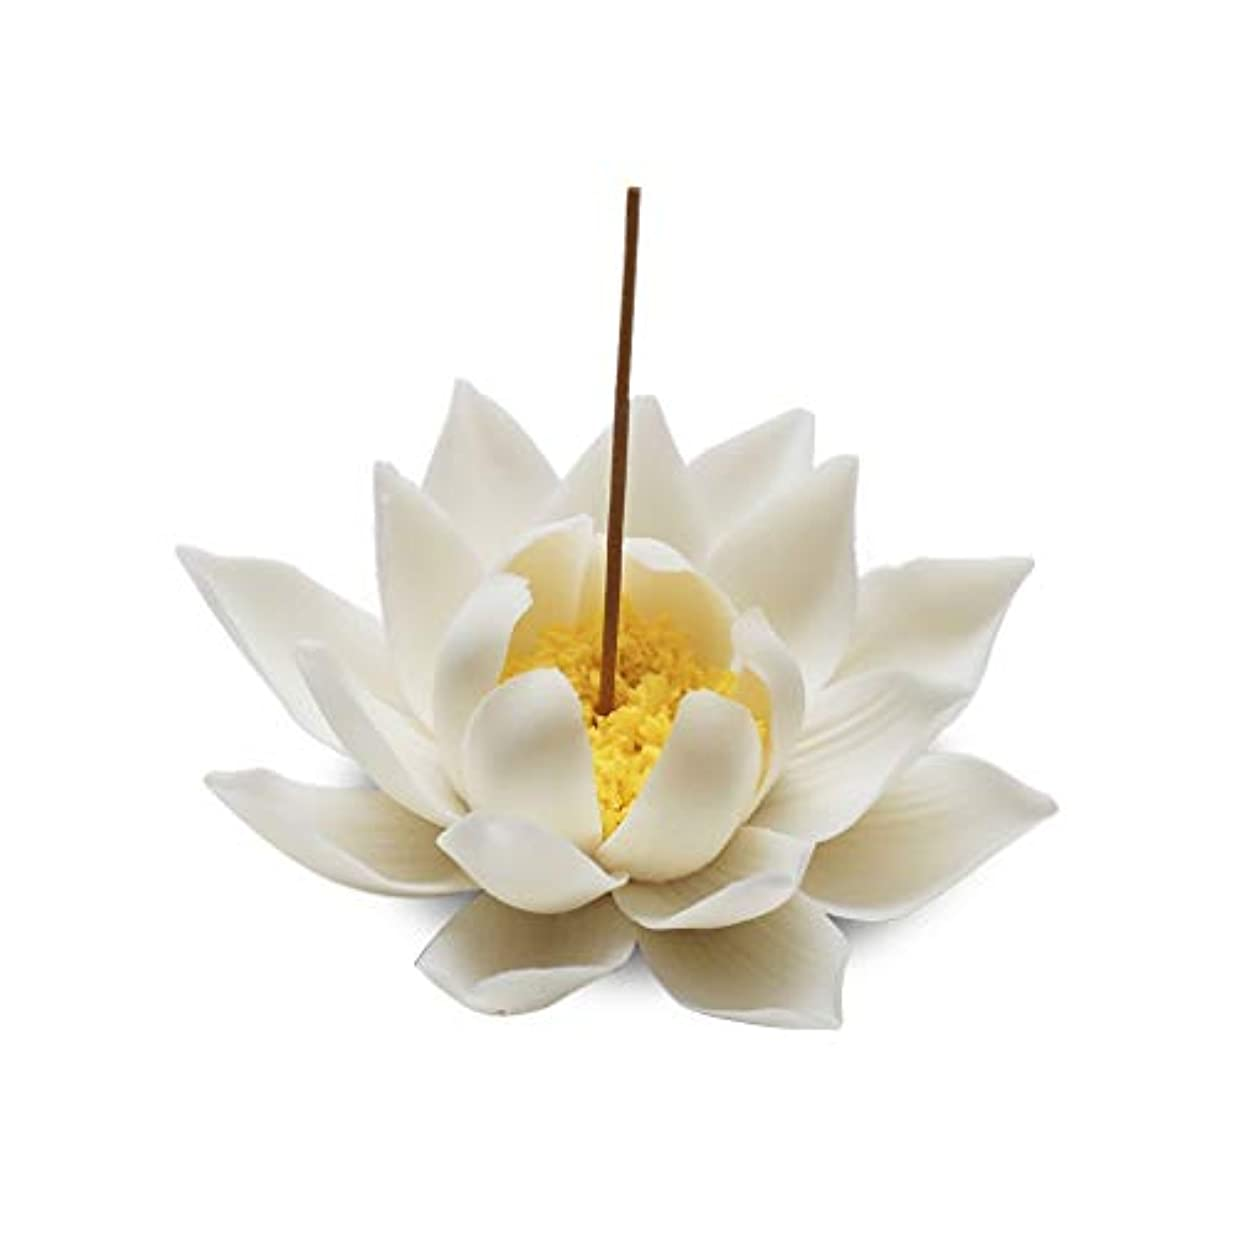 価値のない計算可能低いセラミック蓮香バーナー家の装飾香スティックホルダー仏教アロマセラピー香炉ホームオフィス用 (Color : A)